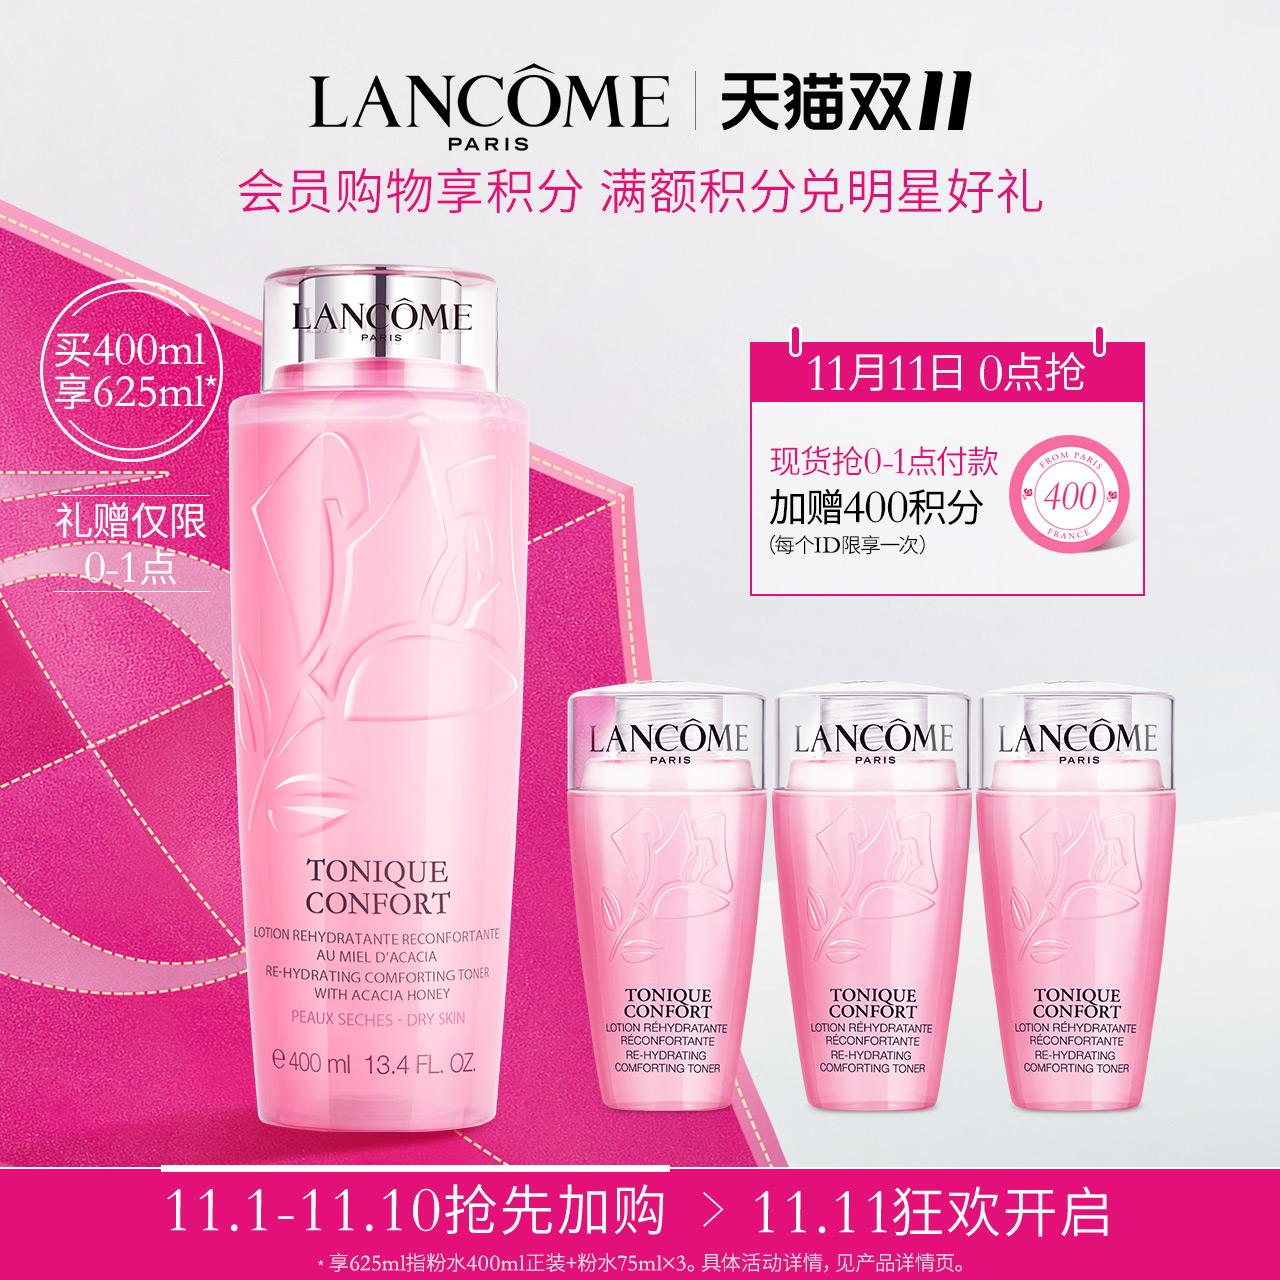 双11预告 Lancome 兰蔻 清滢柔肤水 400ml ¥420包邮(前1小时)送75ml*3瓶